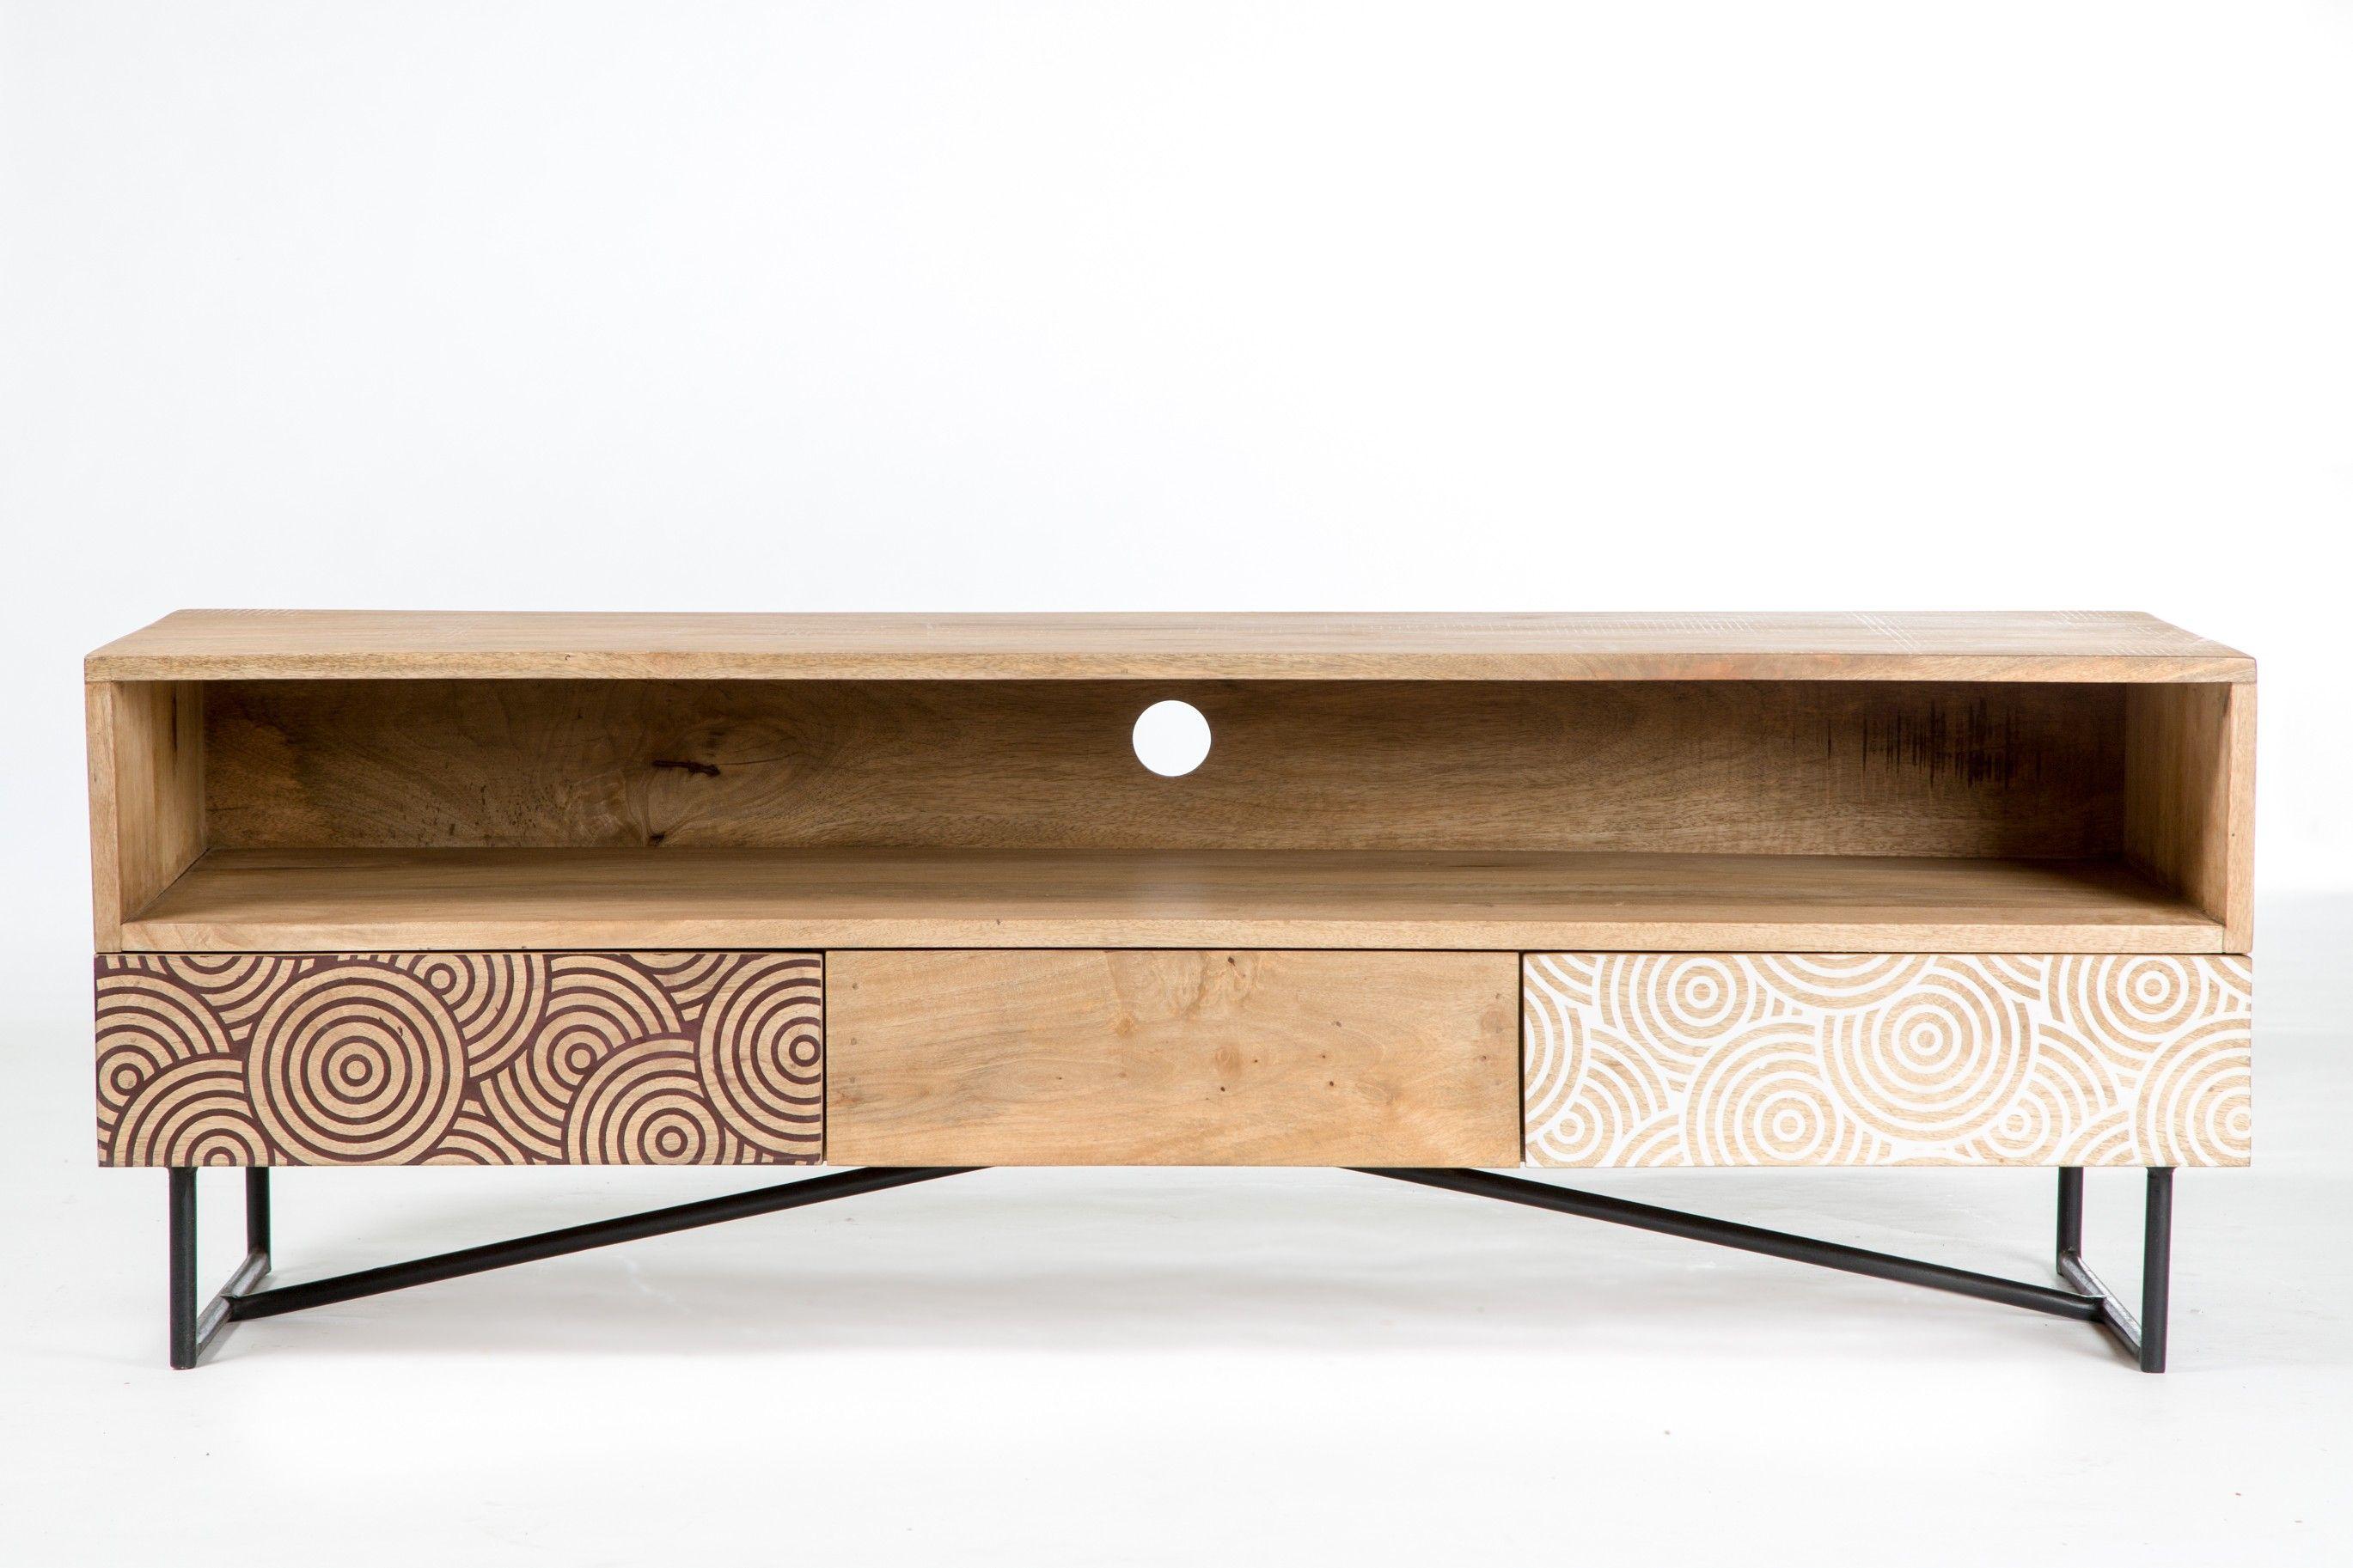 inspirant meuble tv bois metal Décoration fran§aise